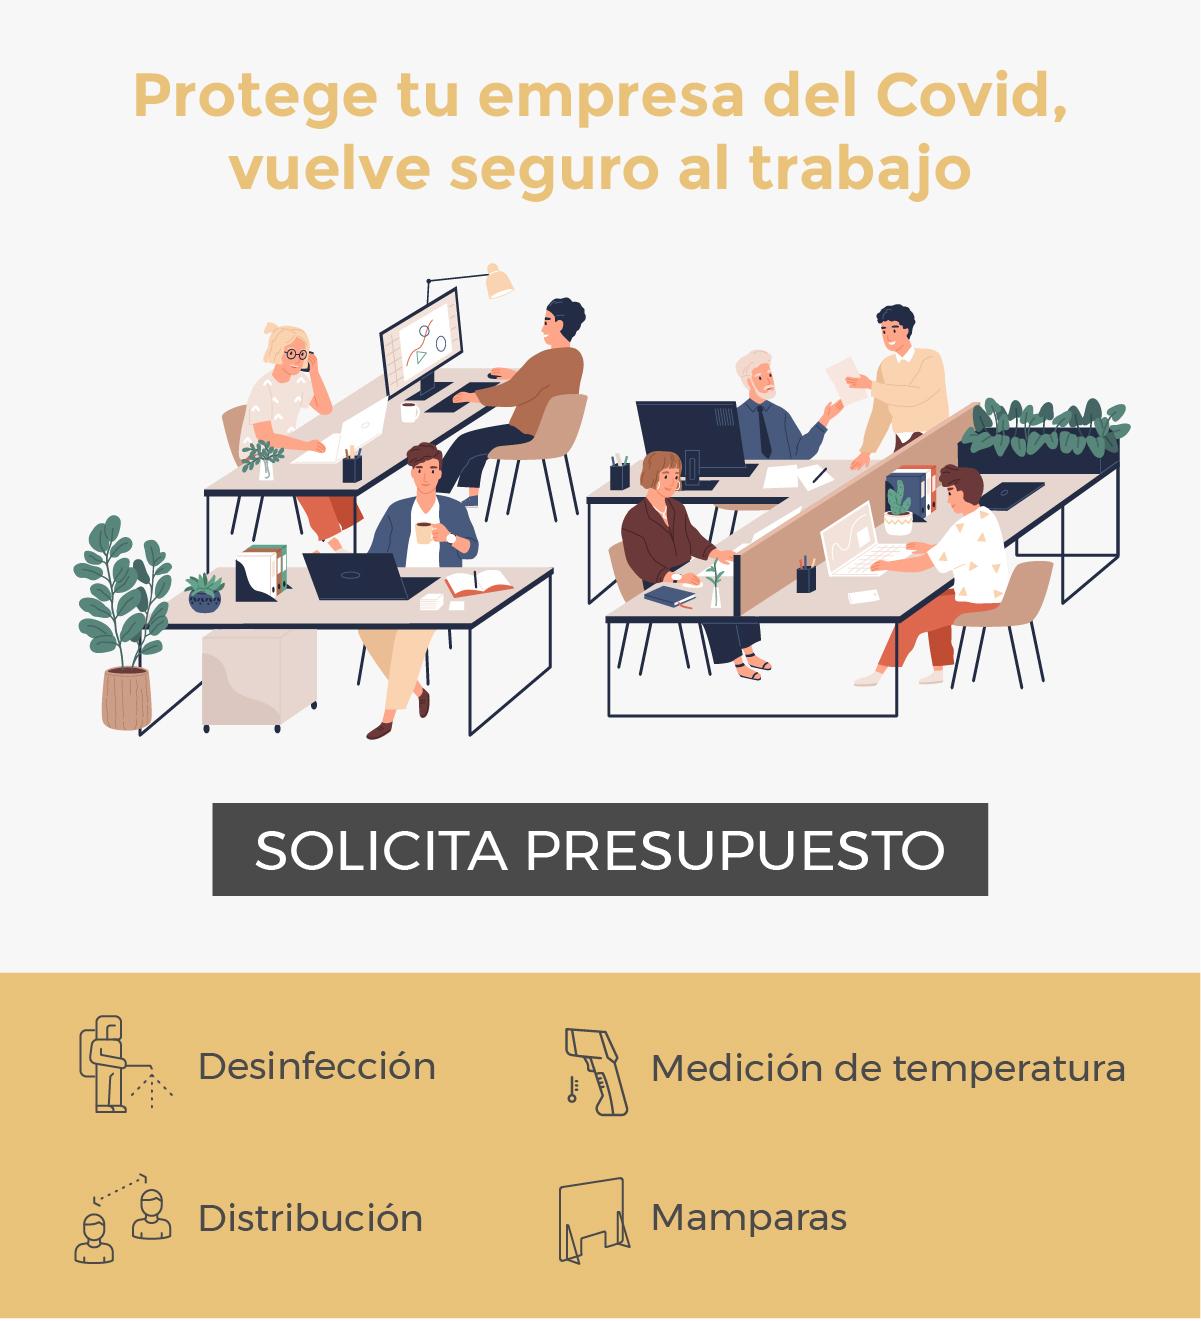 Protección de empresa de Covid - 19